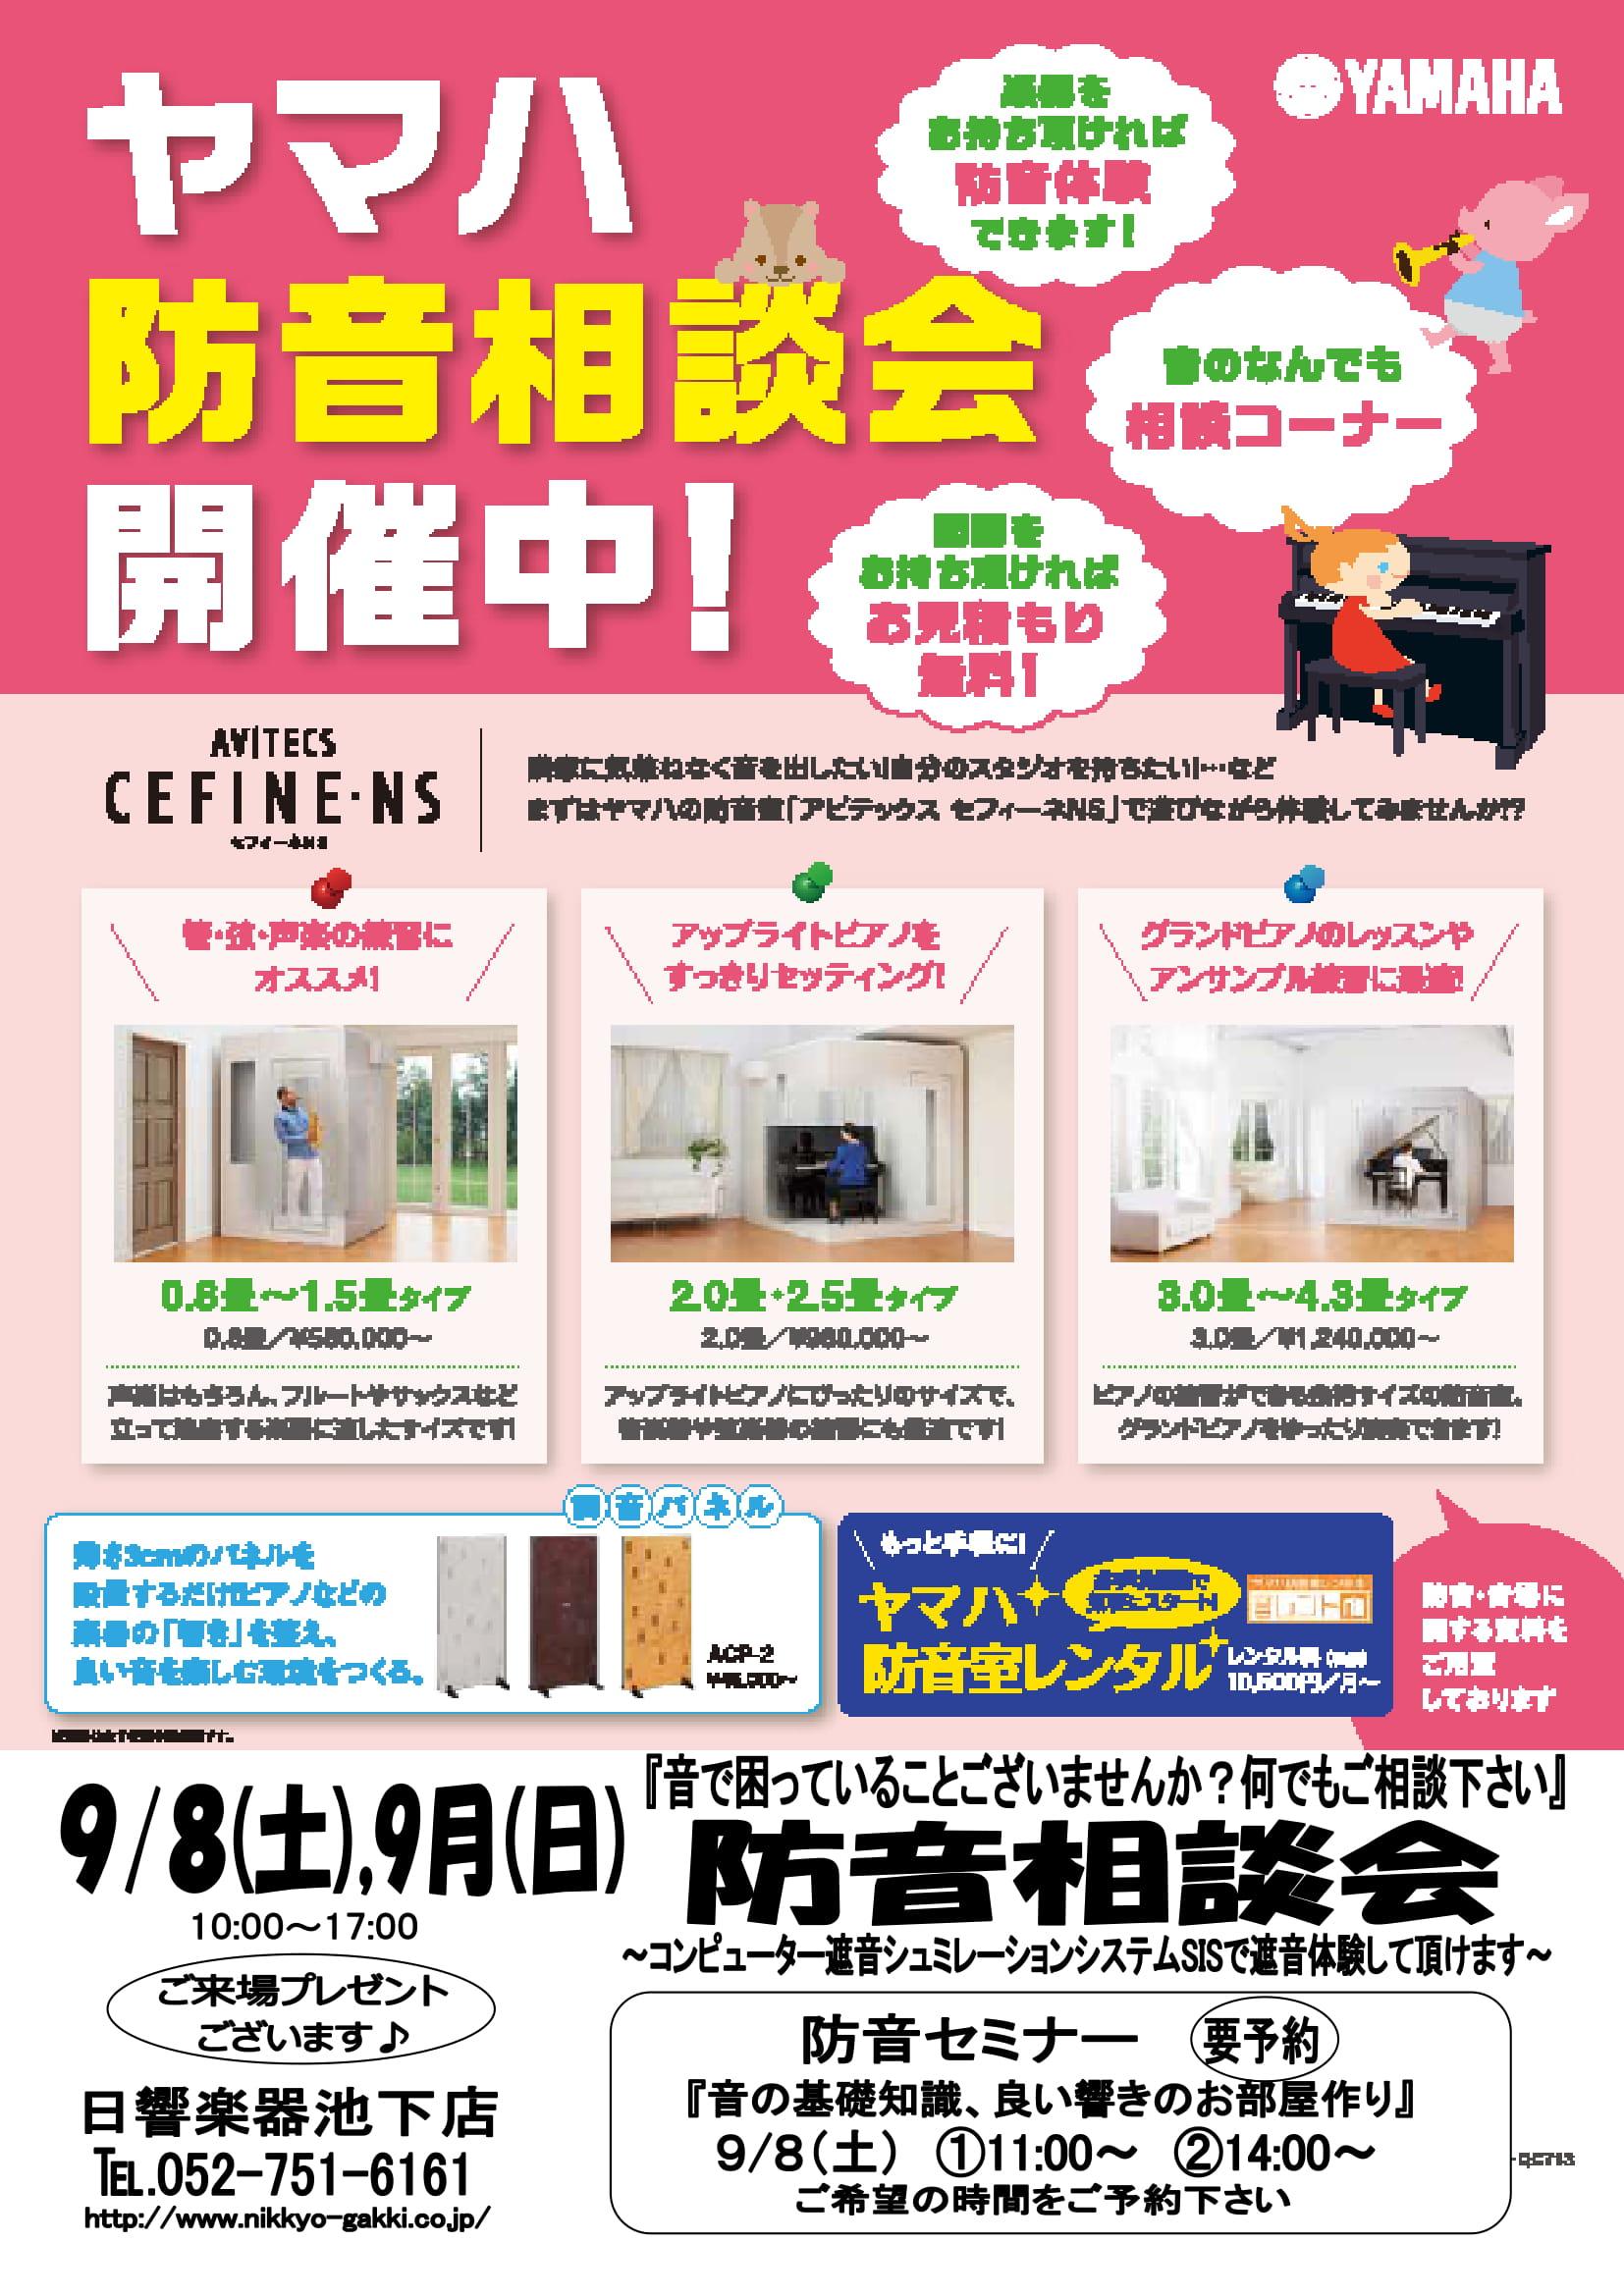 防音相談会チラシ原稿(池下店のみ)-1